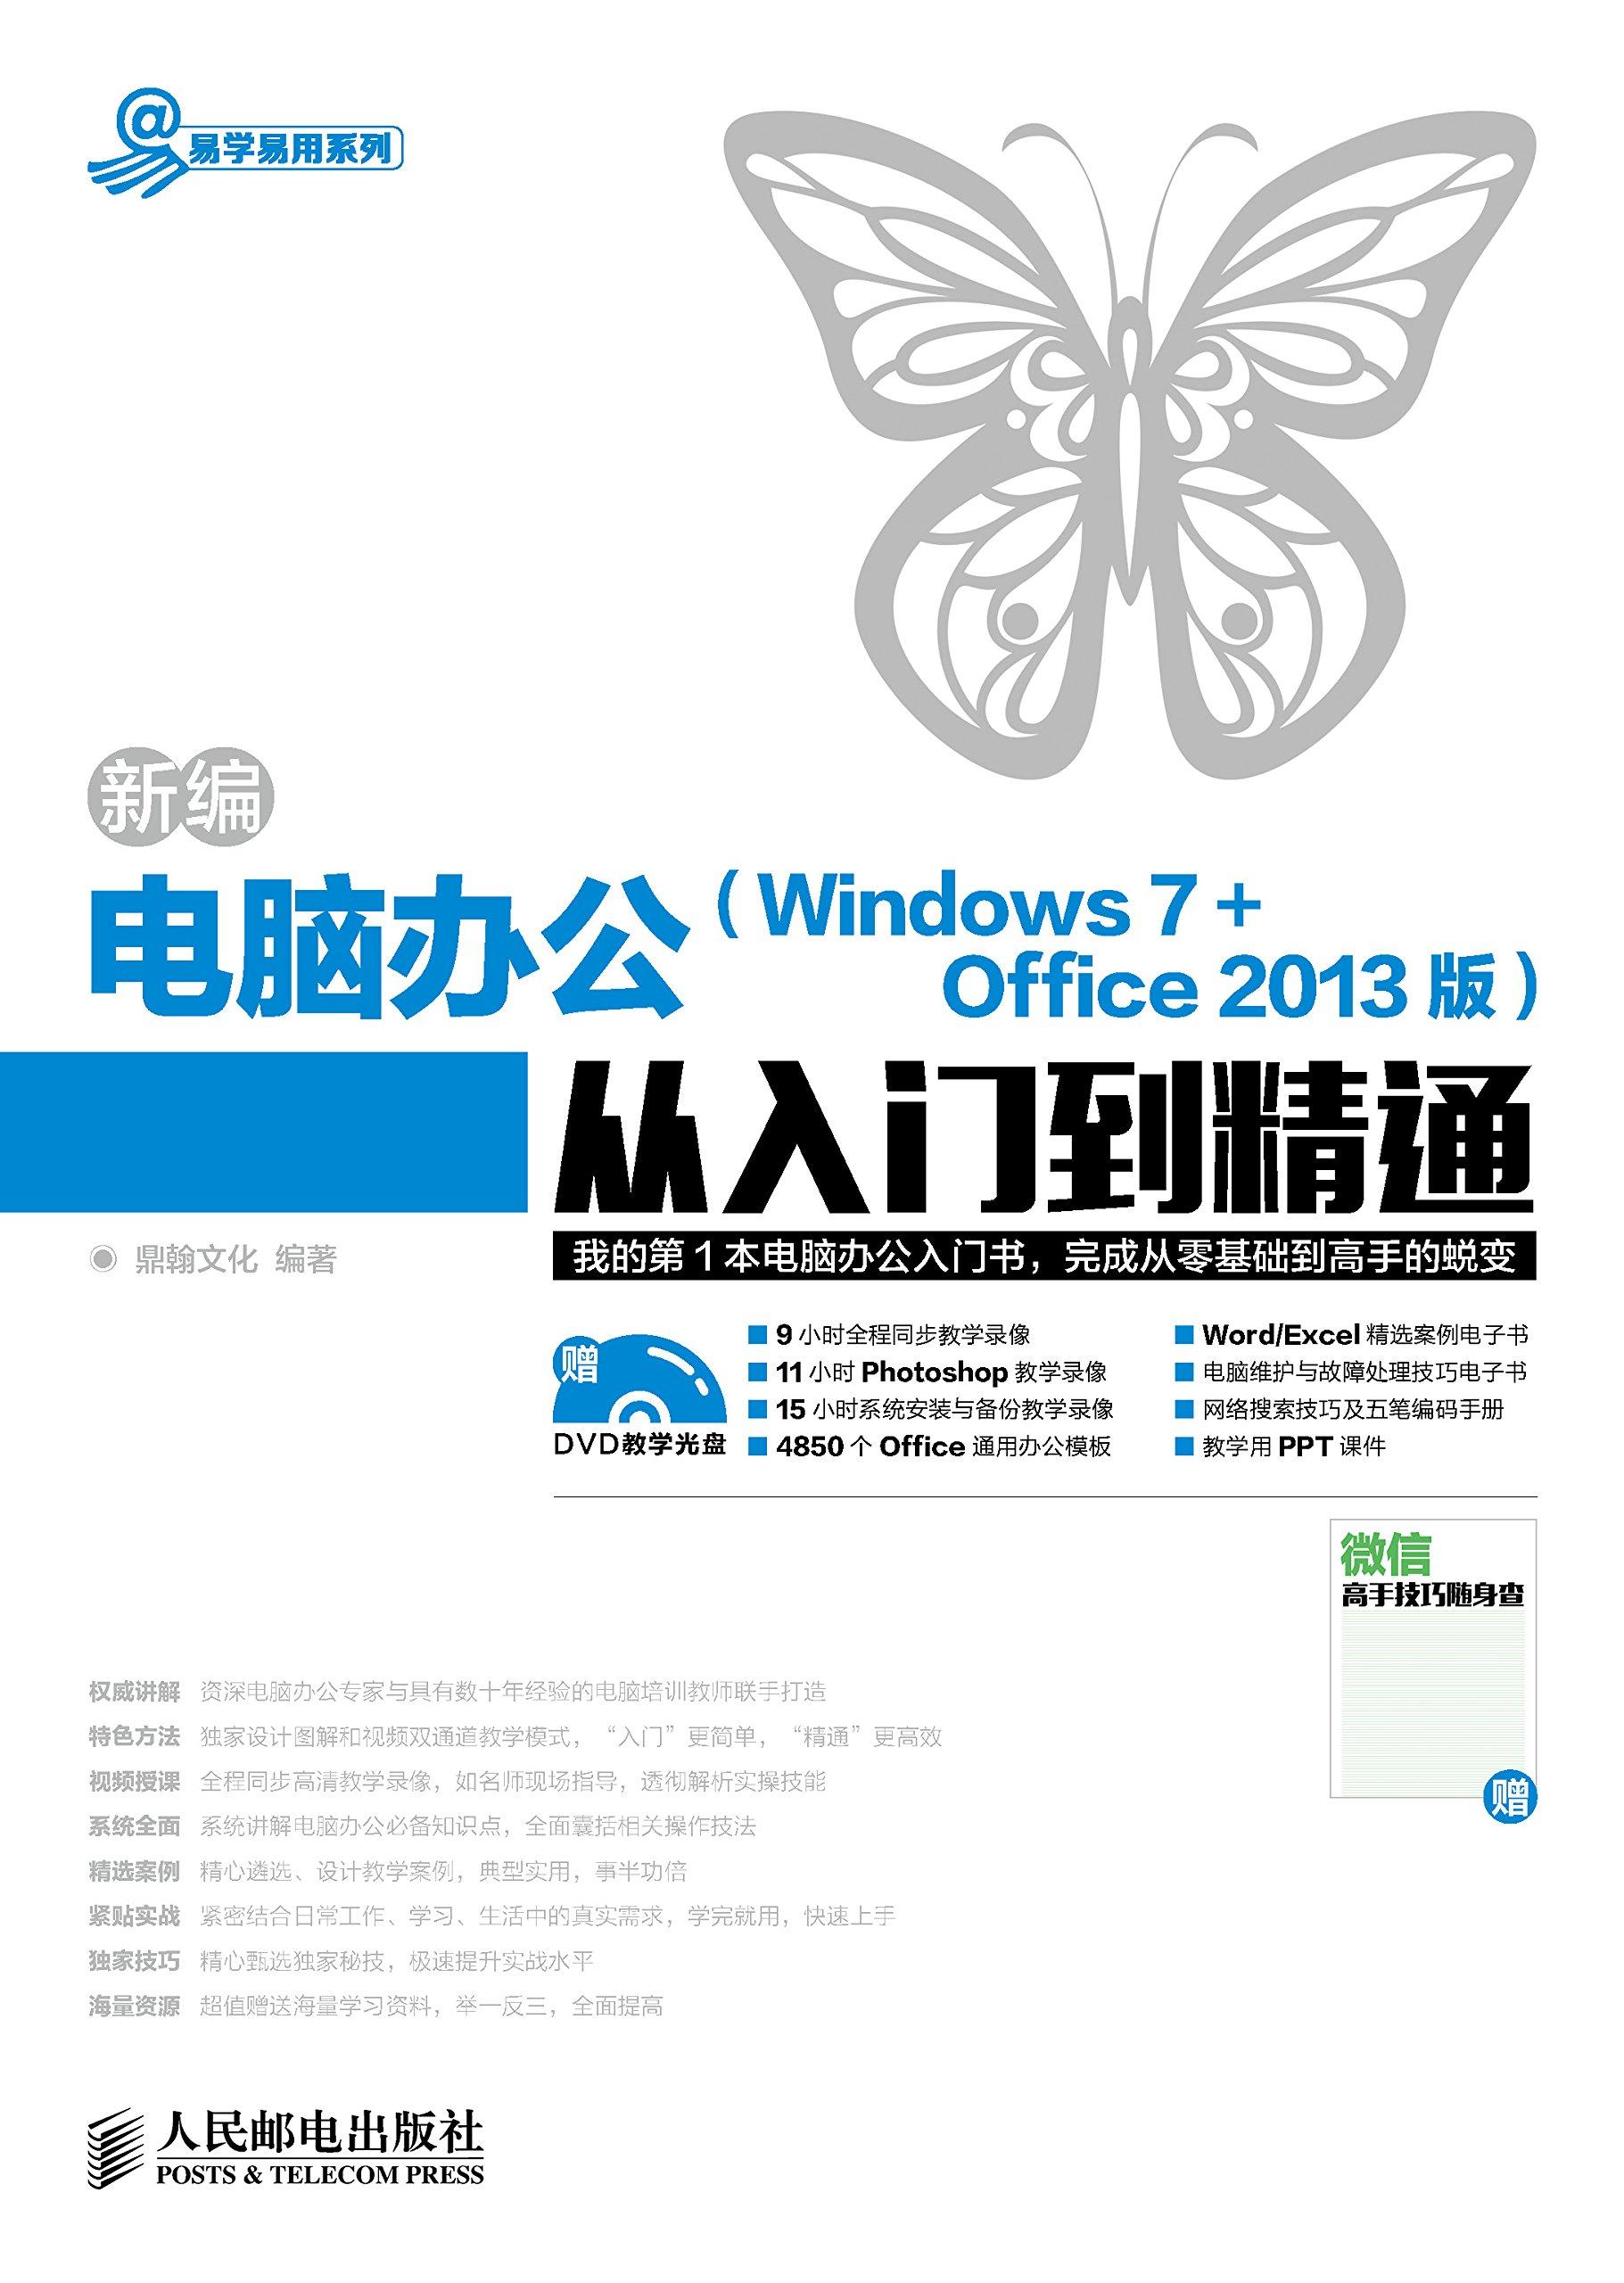 新编电脑办公(Windows 7 + Office 2013版)从入门到精通